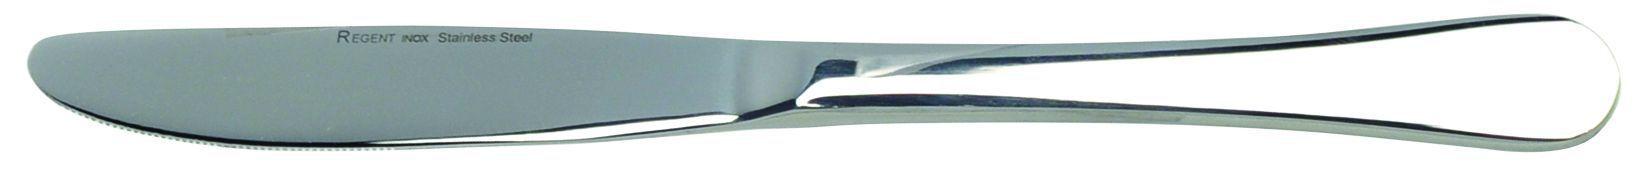 Нож столовый Regent inoxСтоловые приборы<br>Тип: нож,<br>Материал: сталь,<br>Предметов в наборе: 1<br>